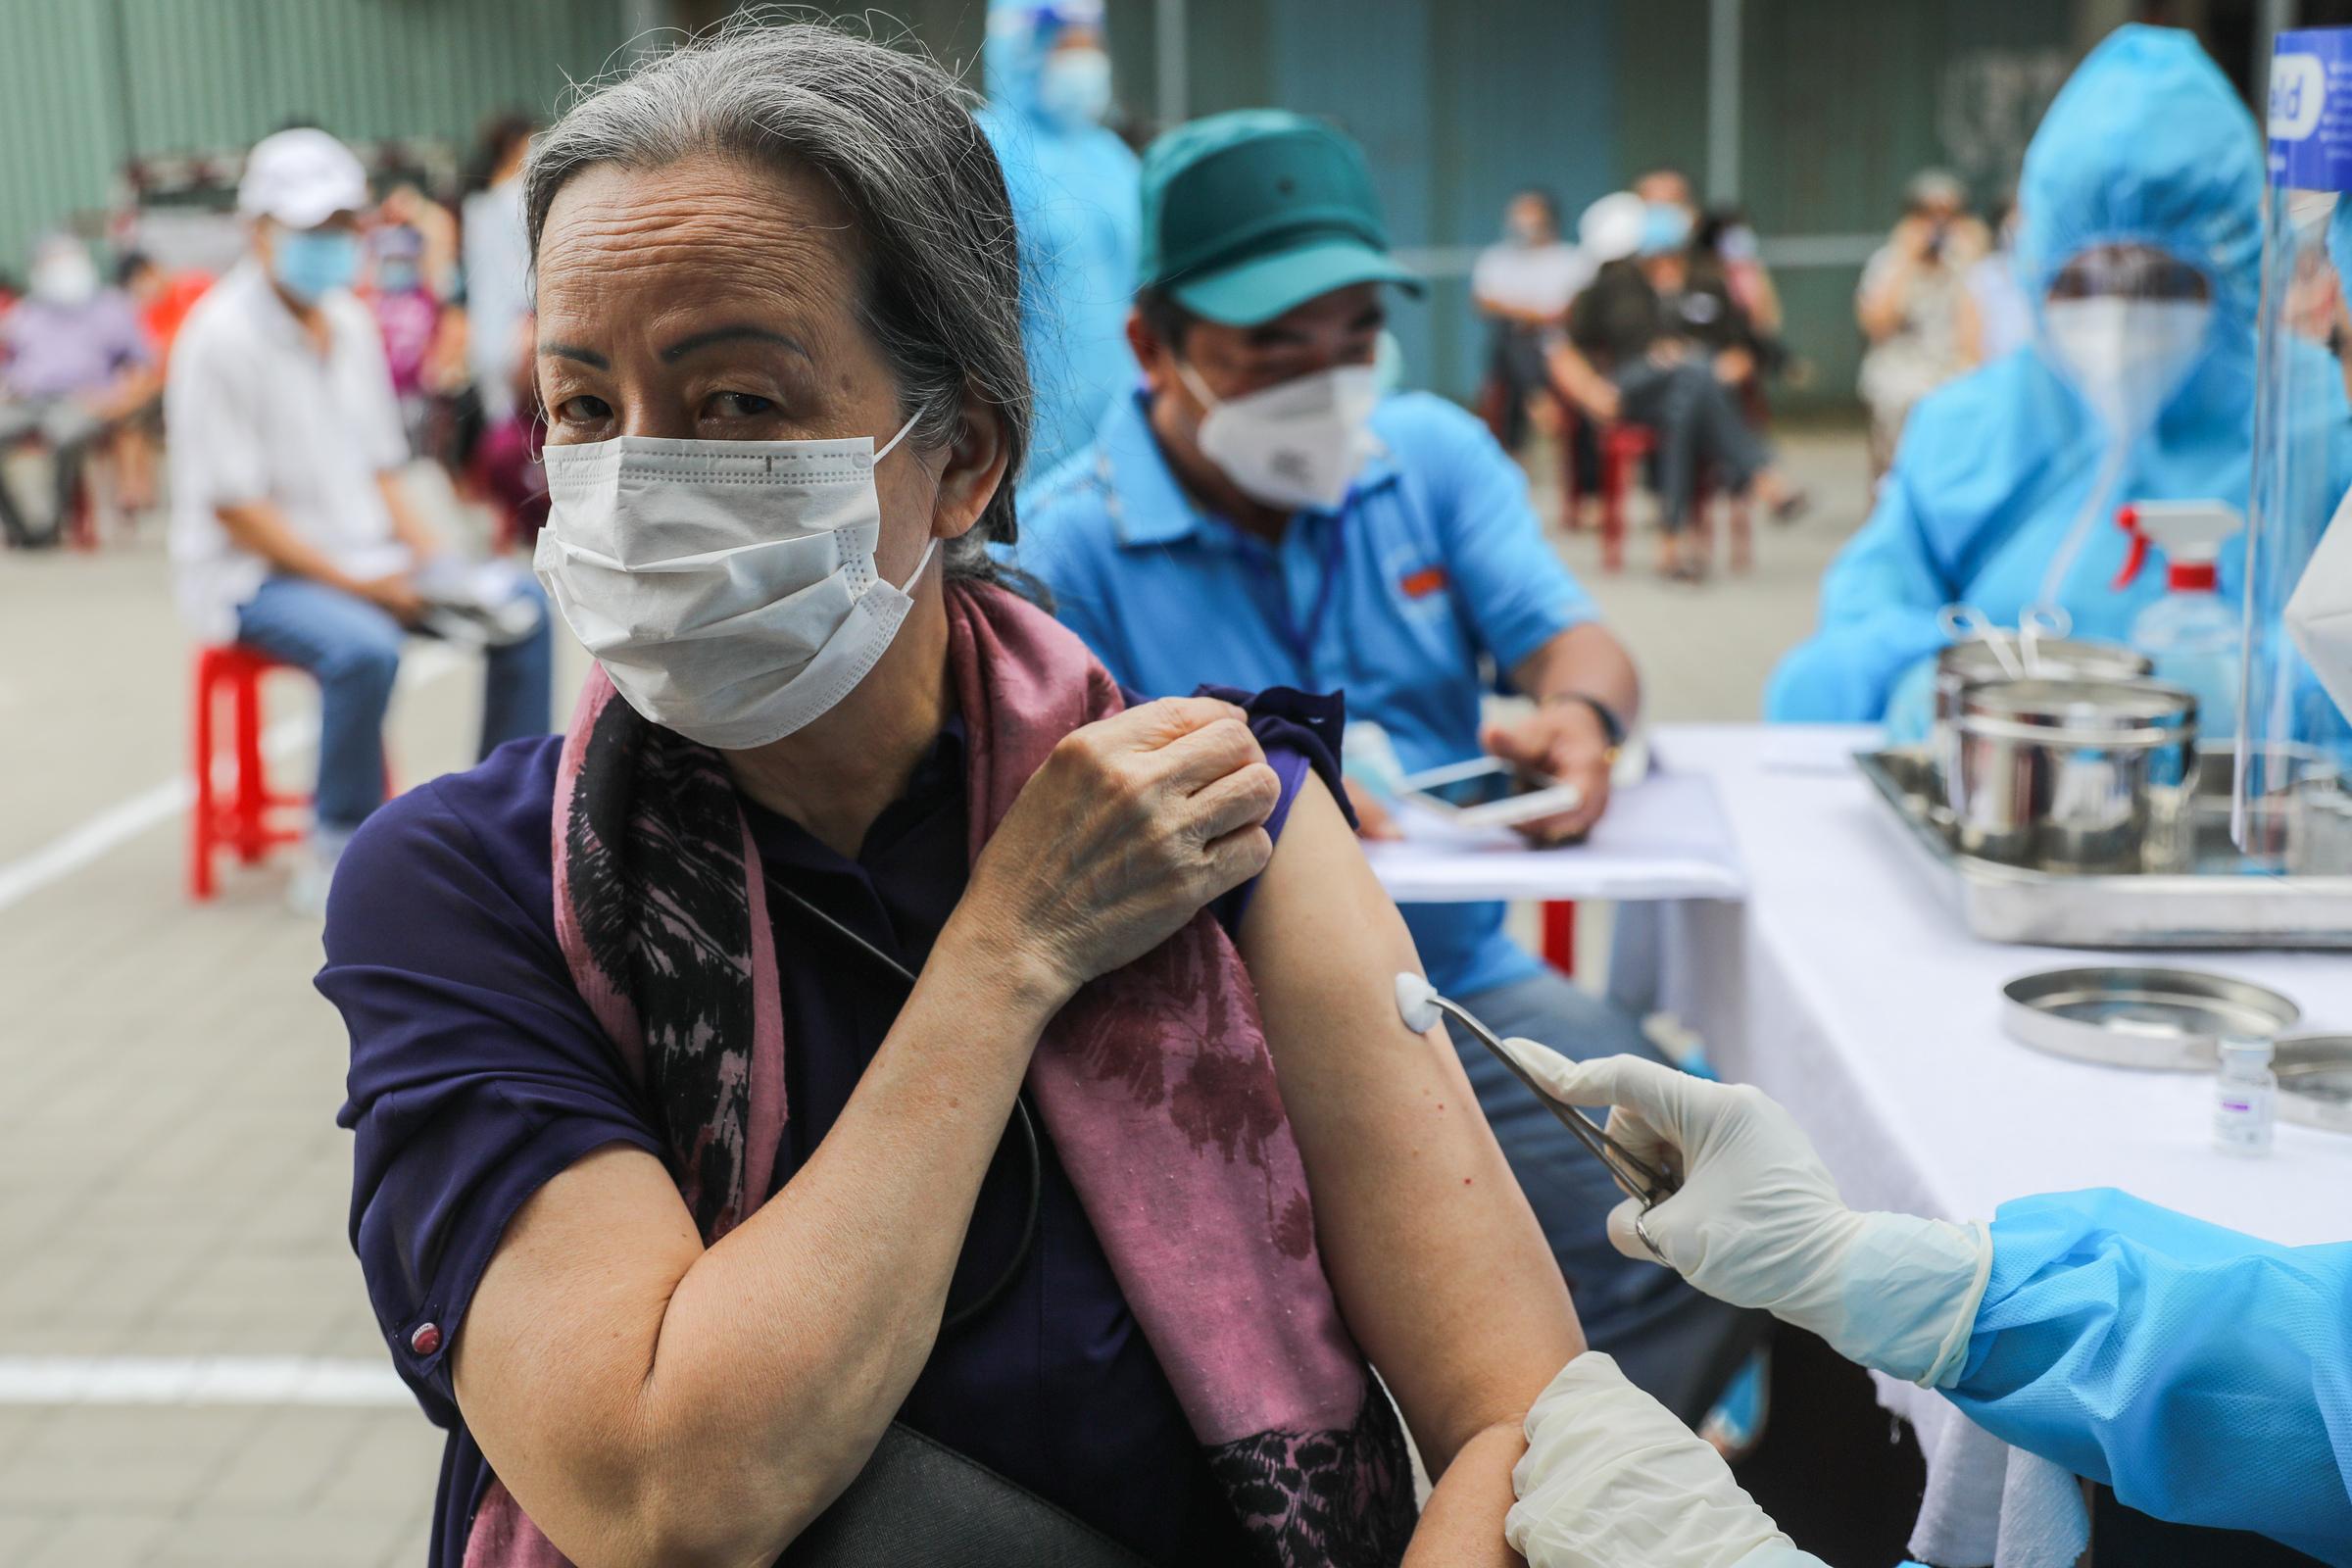 Tiêm vaccine cho người dân trên xe tiêm vaccine lưu động ở quận Gò Vấp, ngày 14/8. Ảnh: Quỳnh Trần